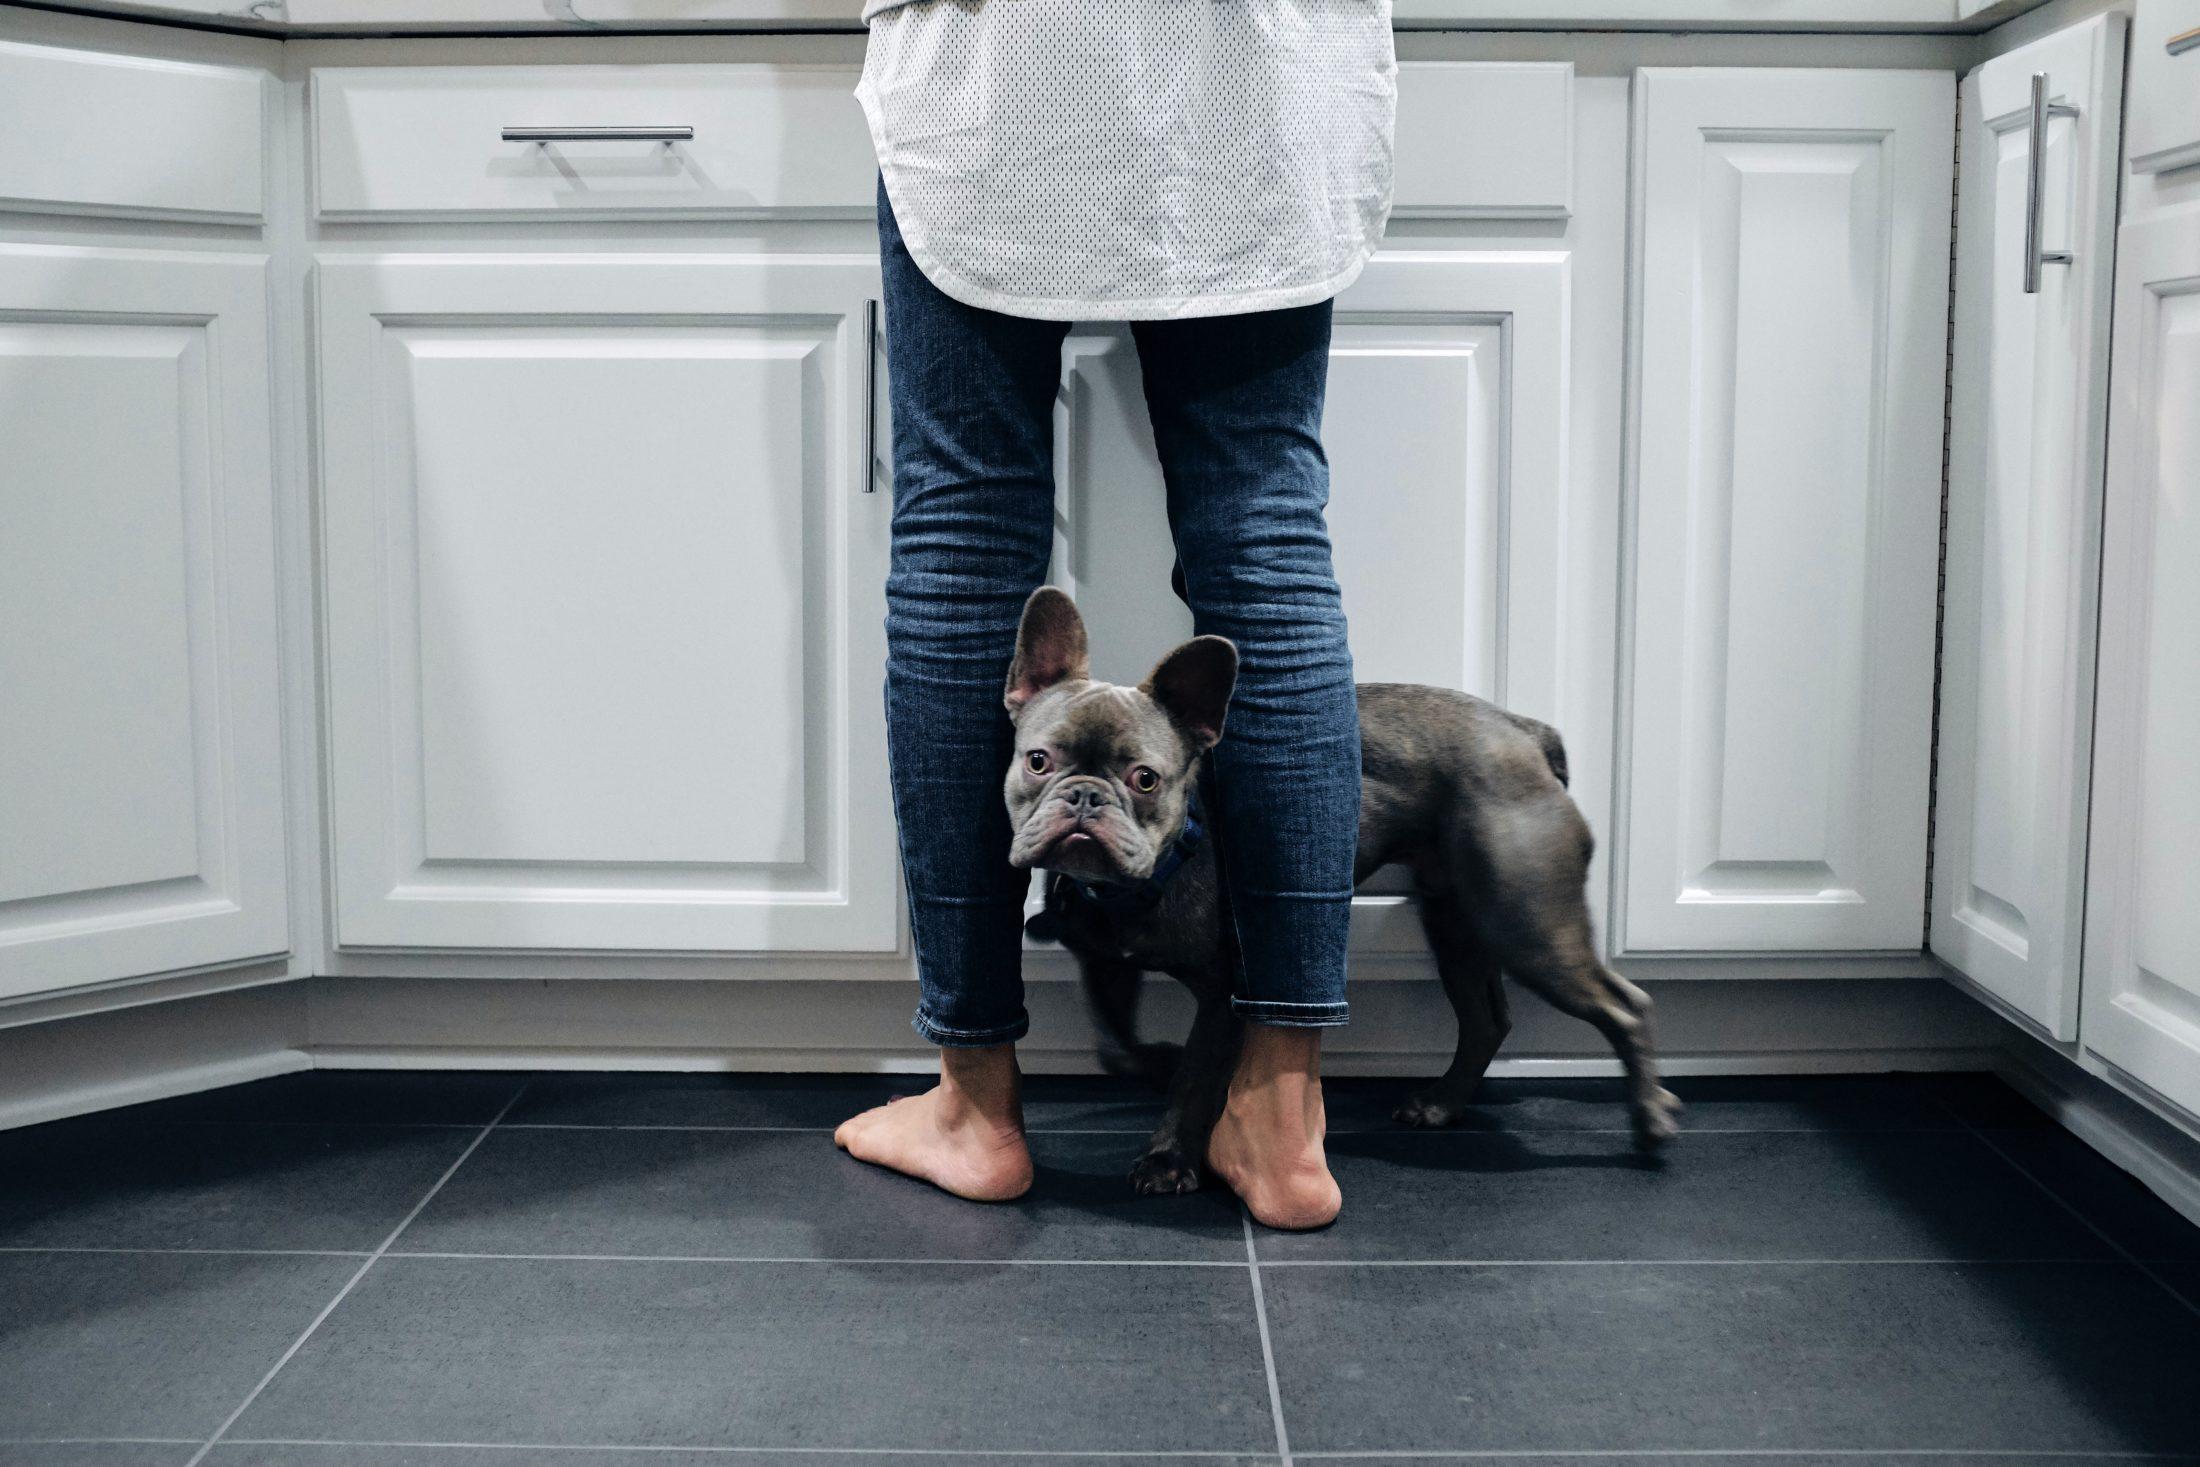 buldogue inglês nomeio das pernas do tutor lavando louça